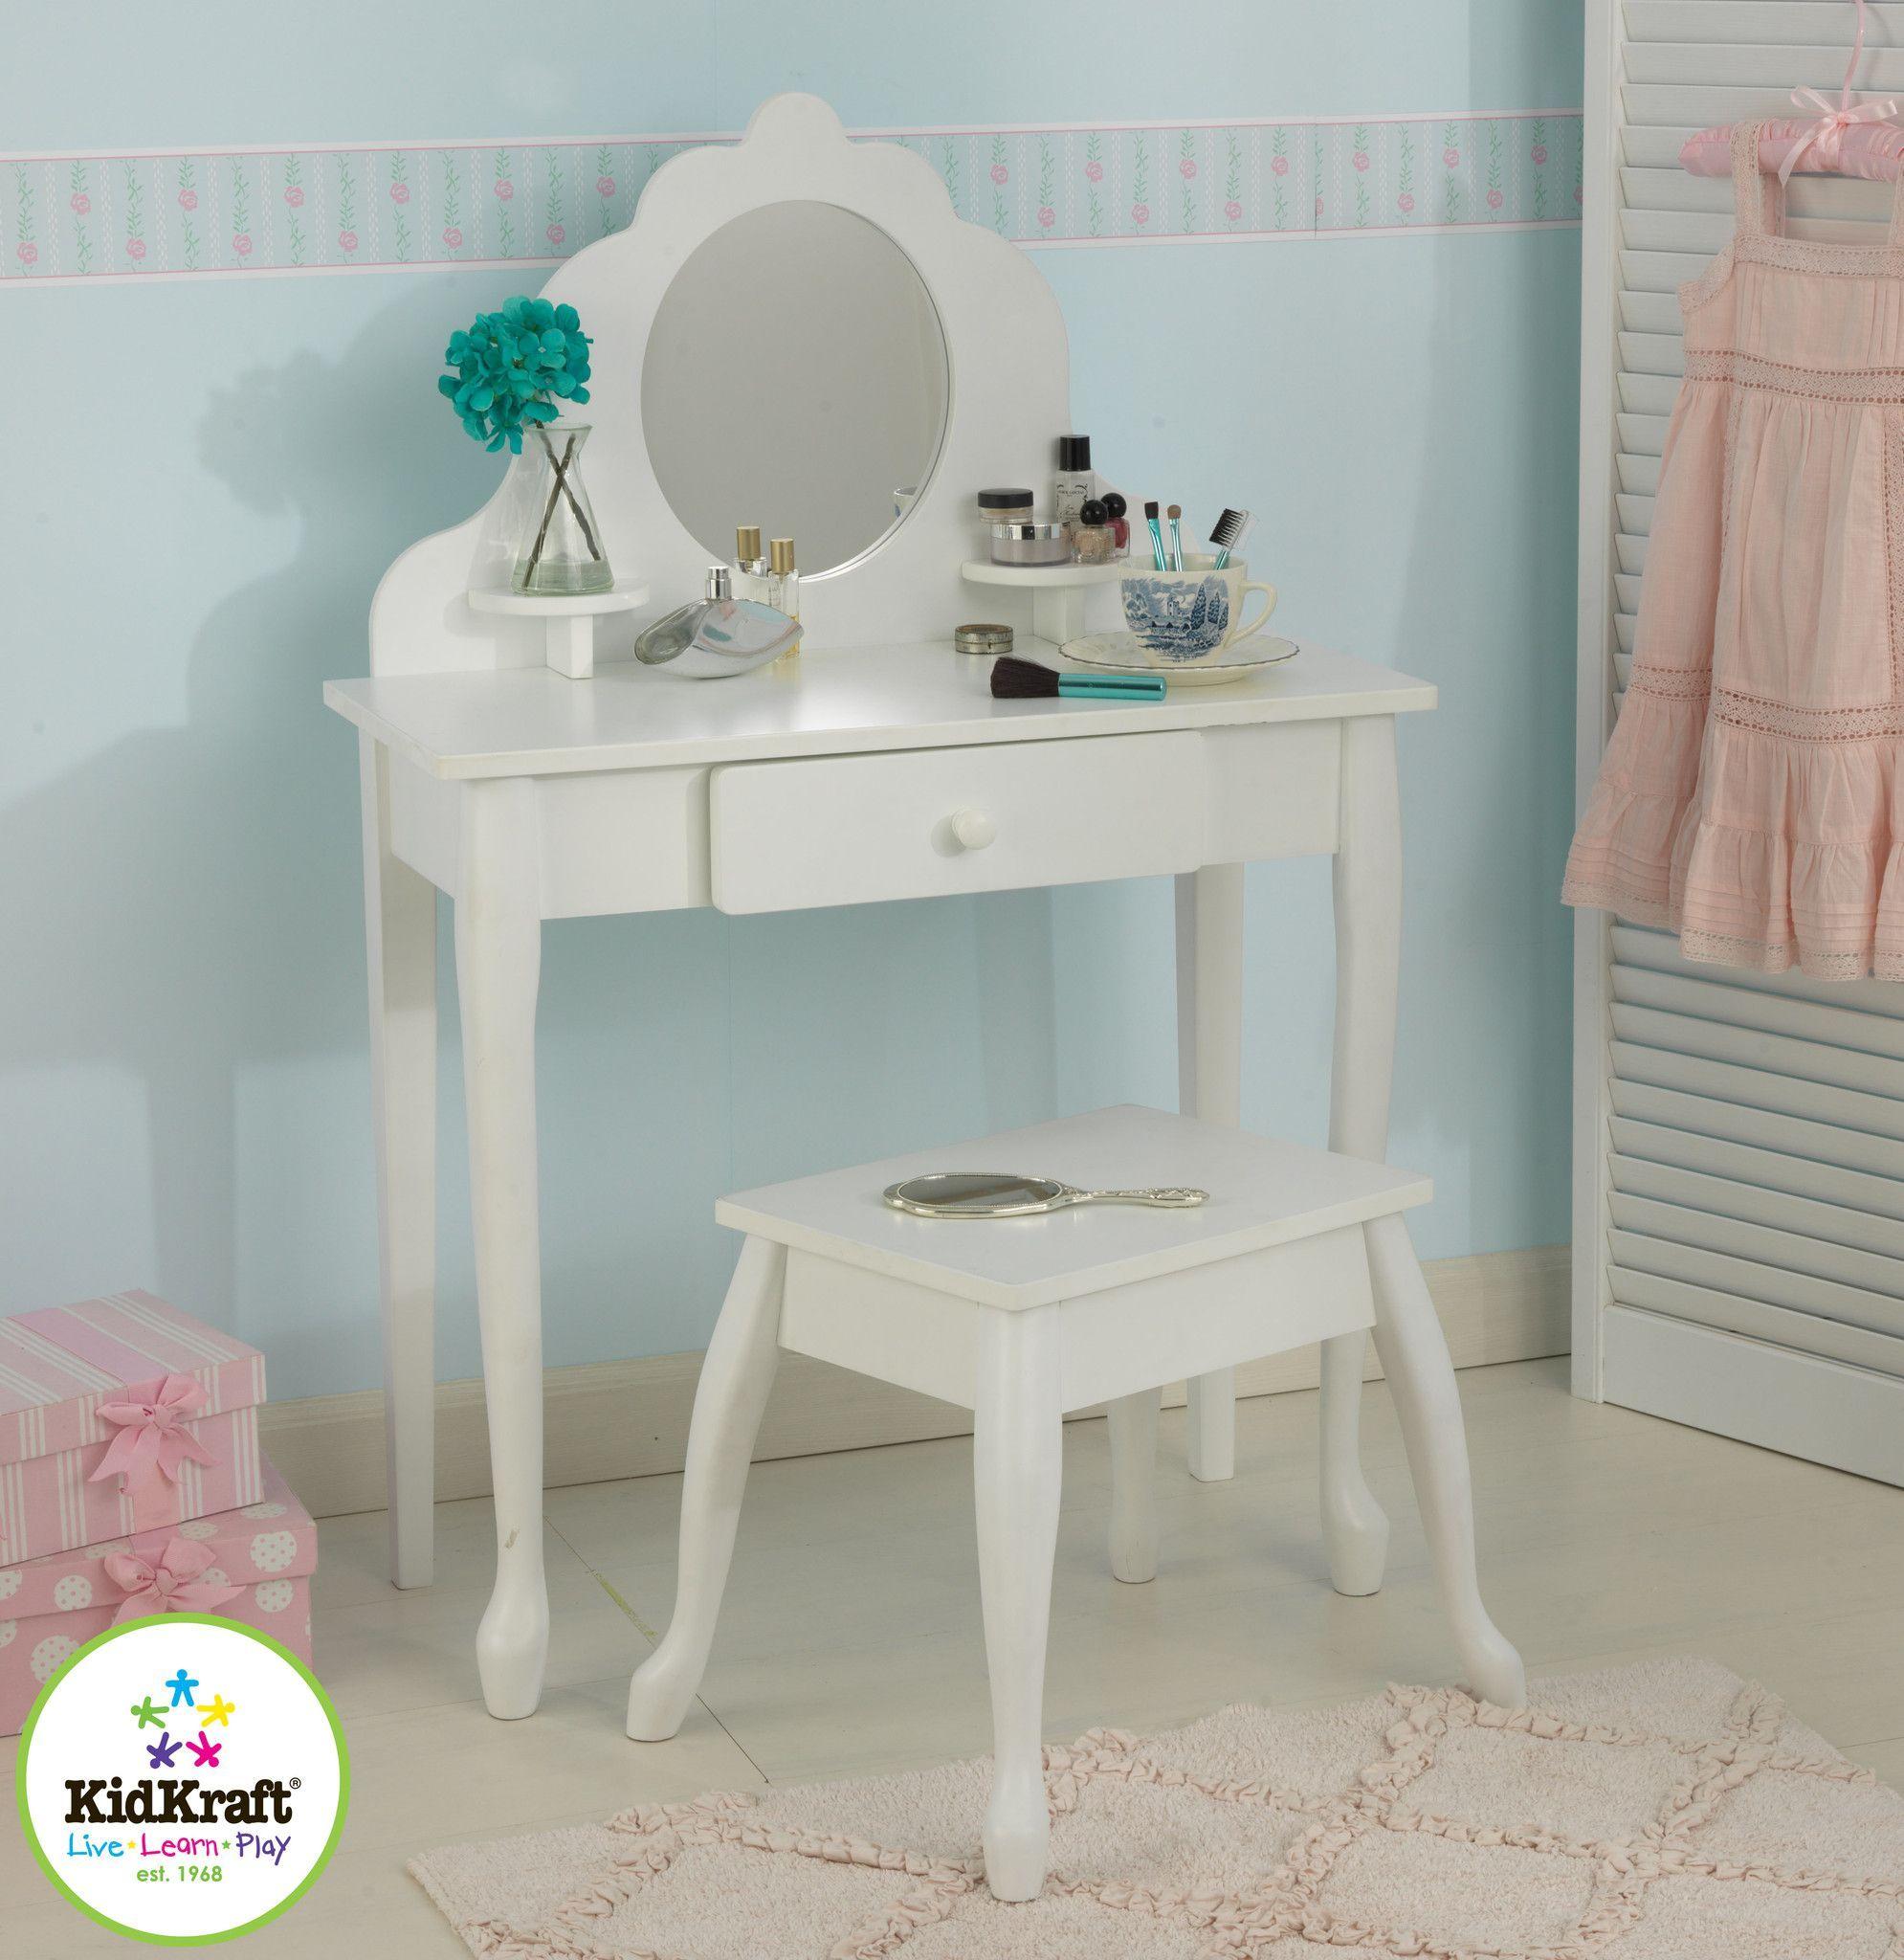 Stupendous Kid Kraft Medium Diva Table Stool 13009 Vanity Table Creativecarmelina Interior Chair Design Creativecarmelinacom